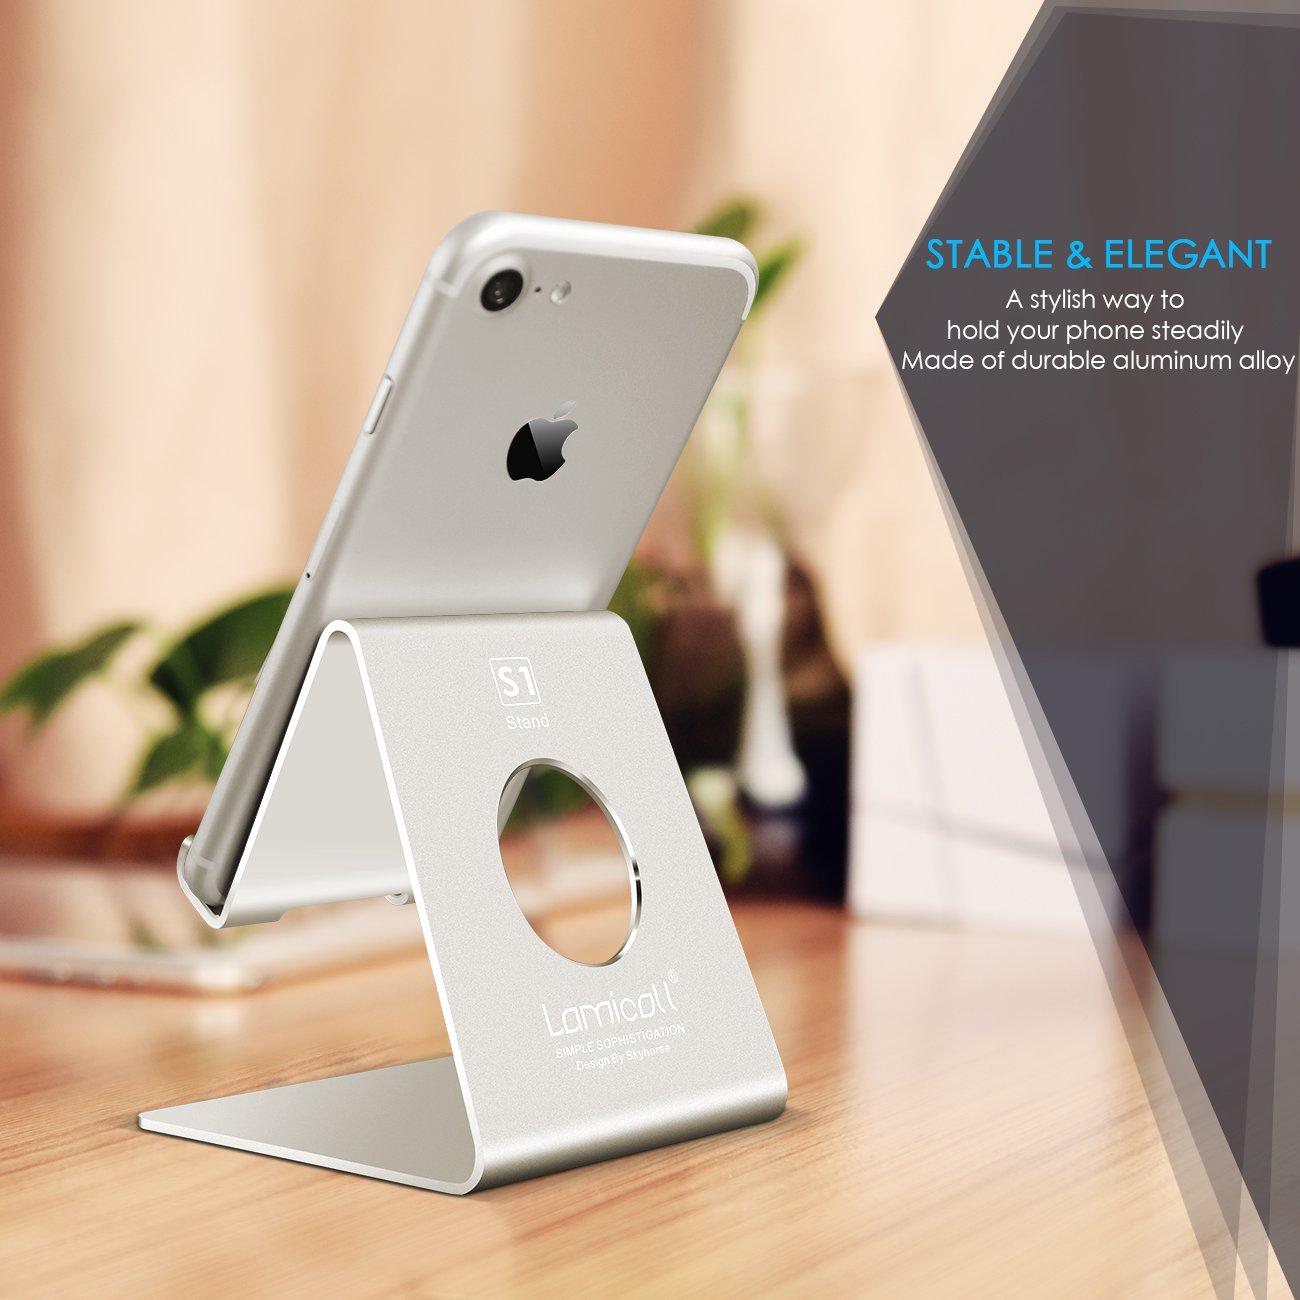 Handy Ständer, Lamicall Handy Halterung : Handyhalterung, Halter für Phone 11 Pro, Xs Max, Xs, XR, X, 8, 7, 6 Plus, SE, 5, Samsung S10 S9 S8 S7 S6 S5,